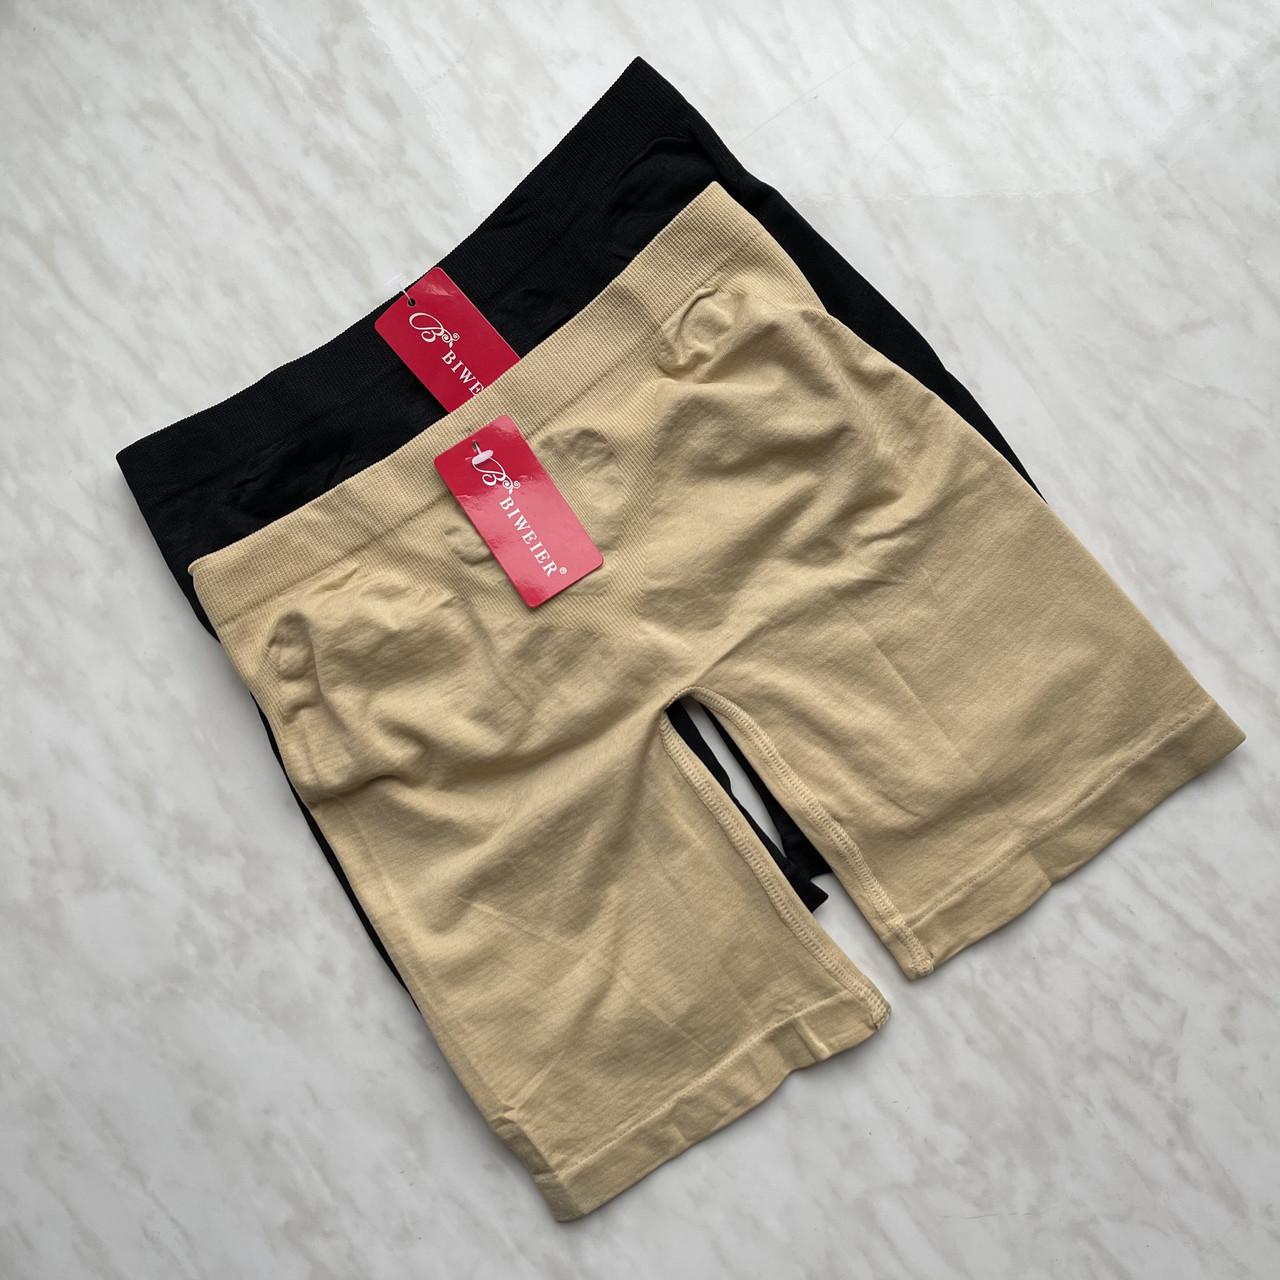 Жіночі безшовні стягуючі шорти #6609 Biweier